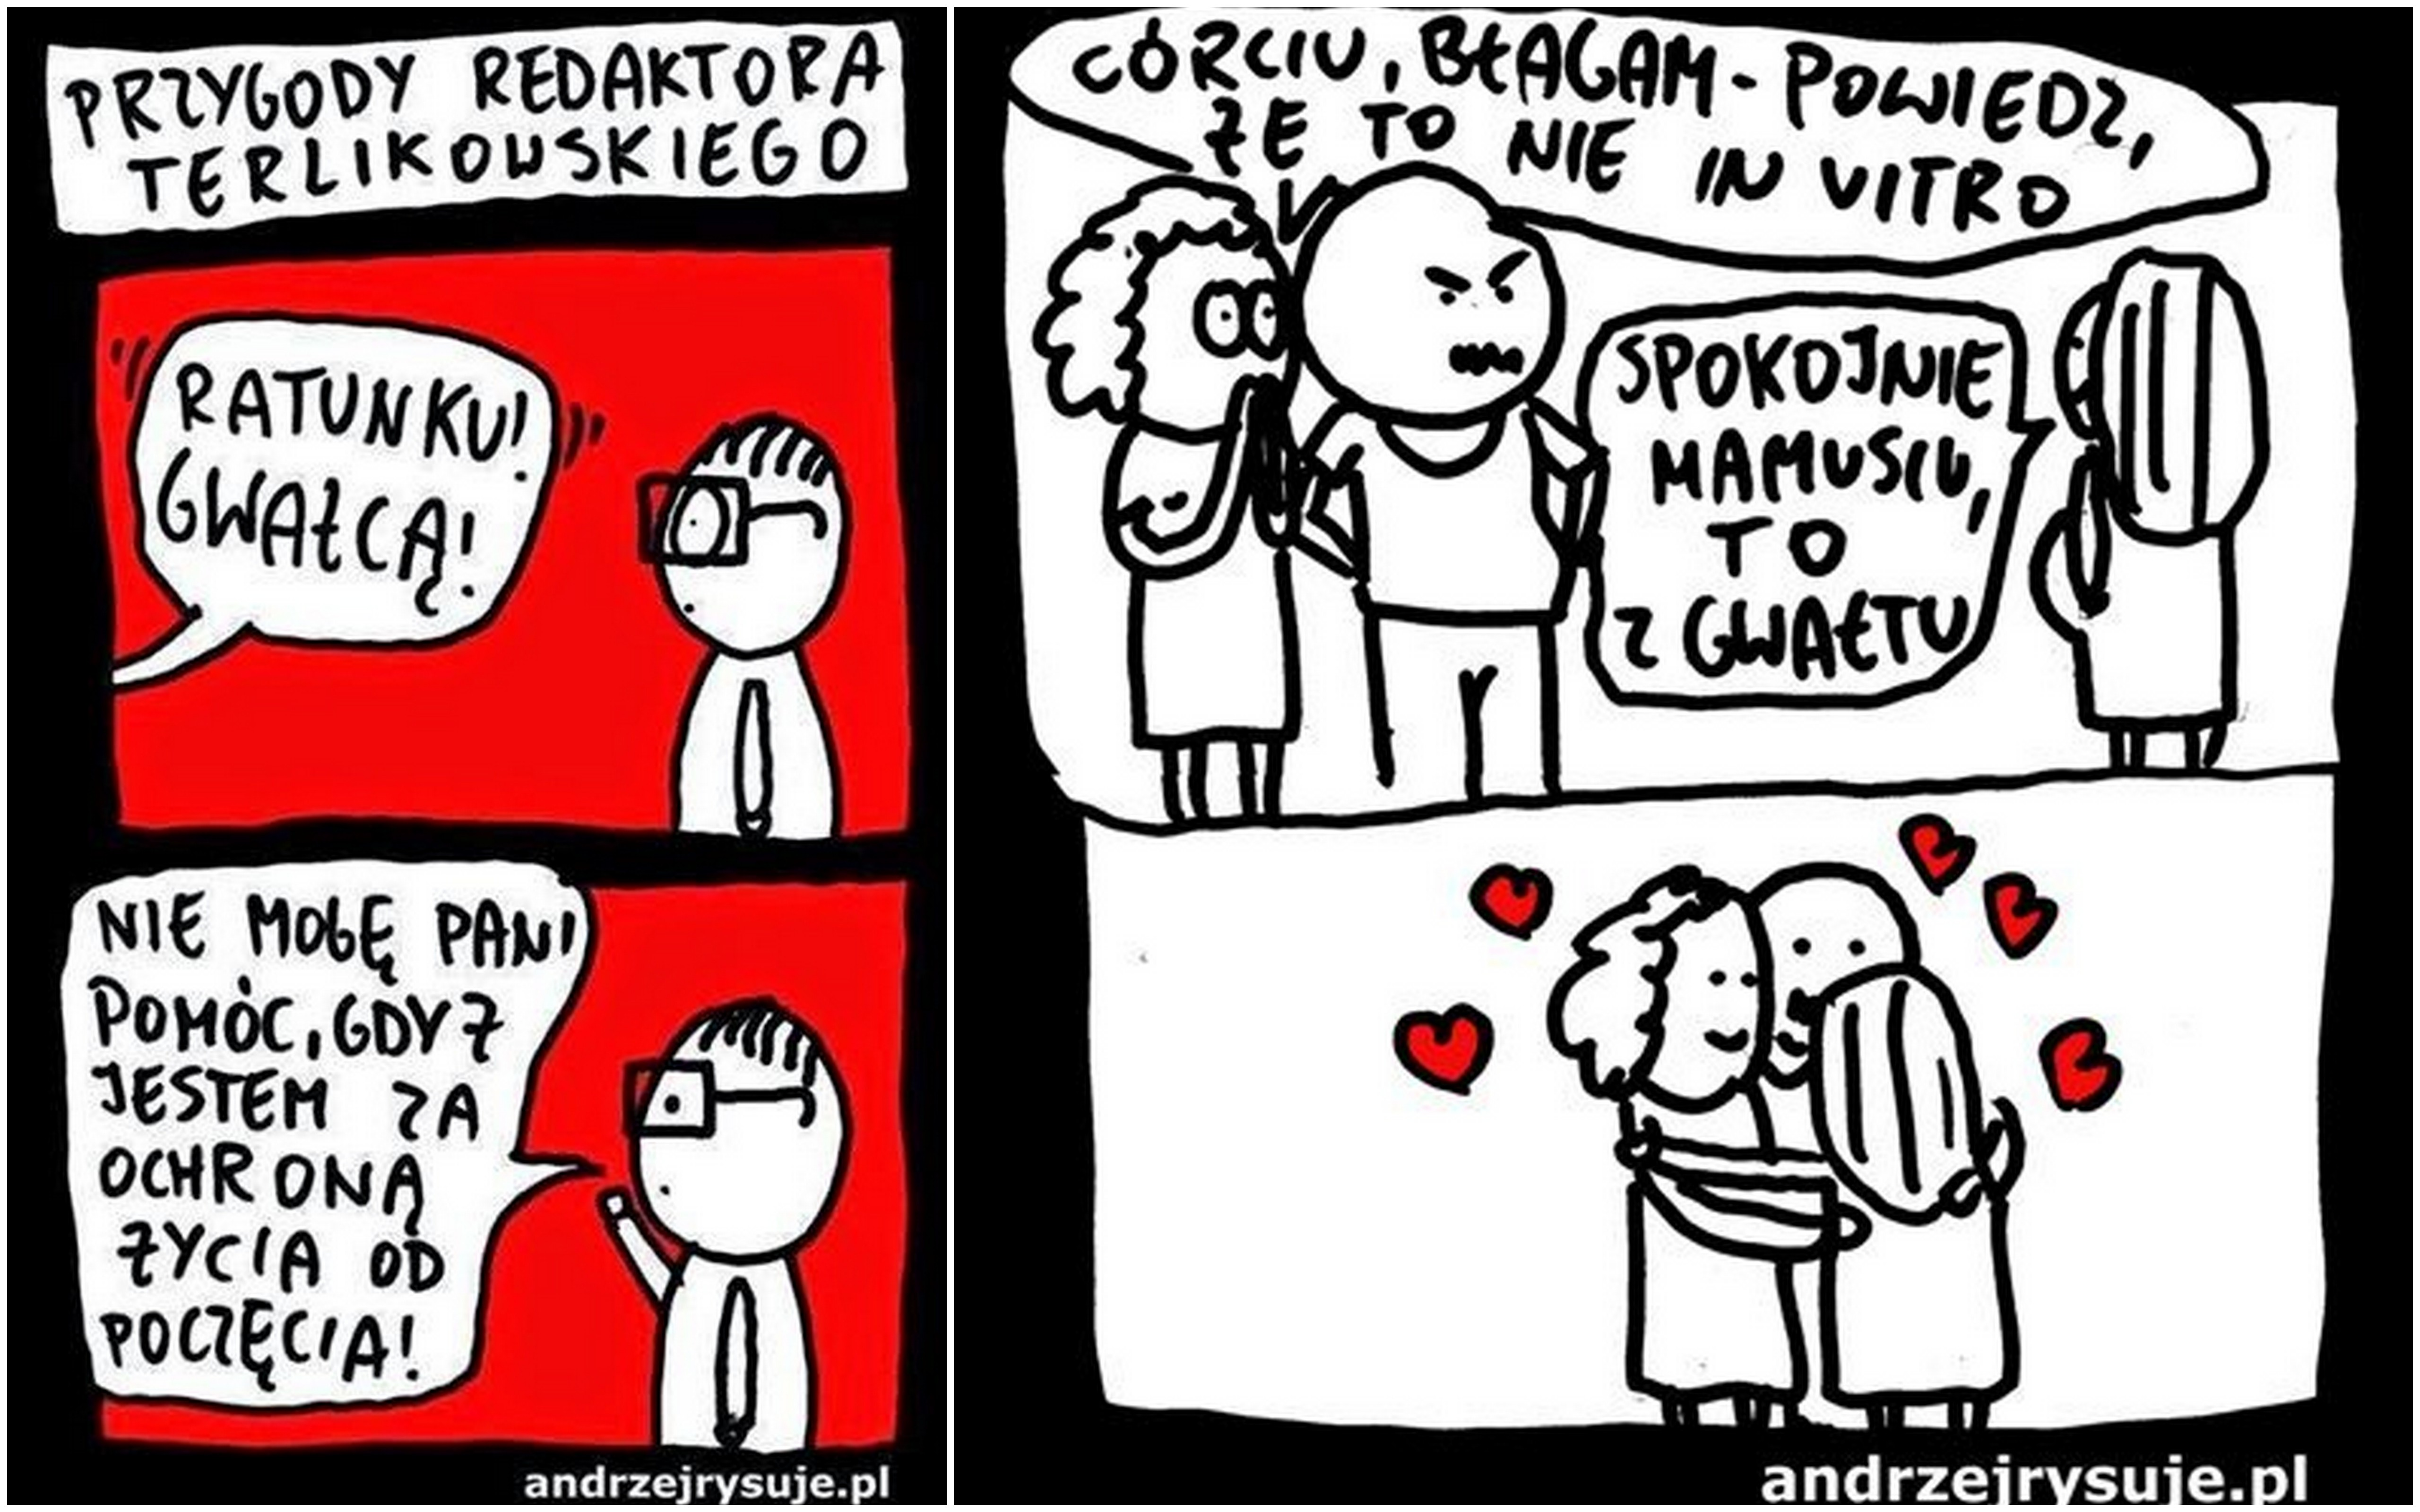 andrzejrysuje.pl